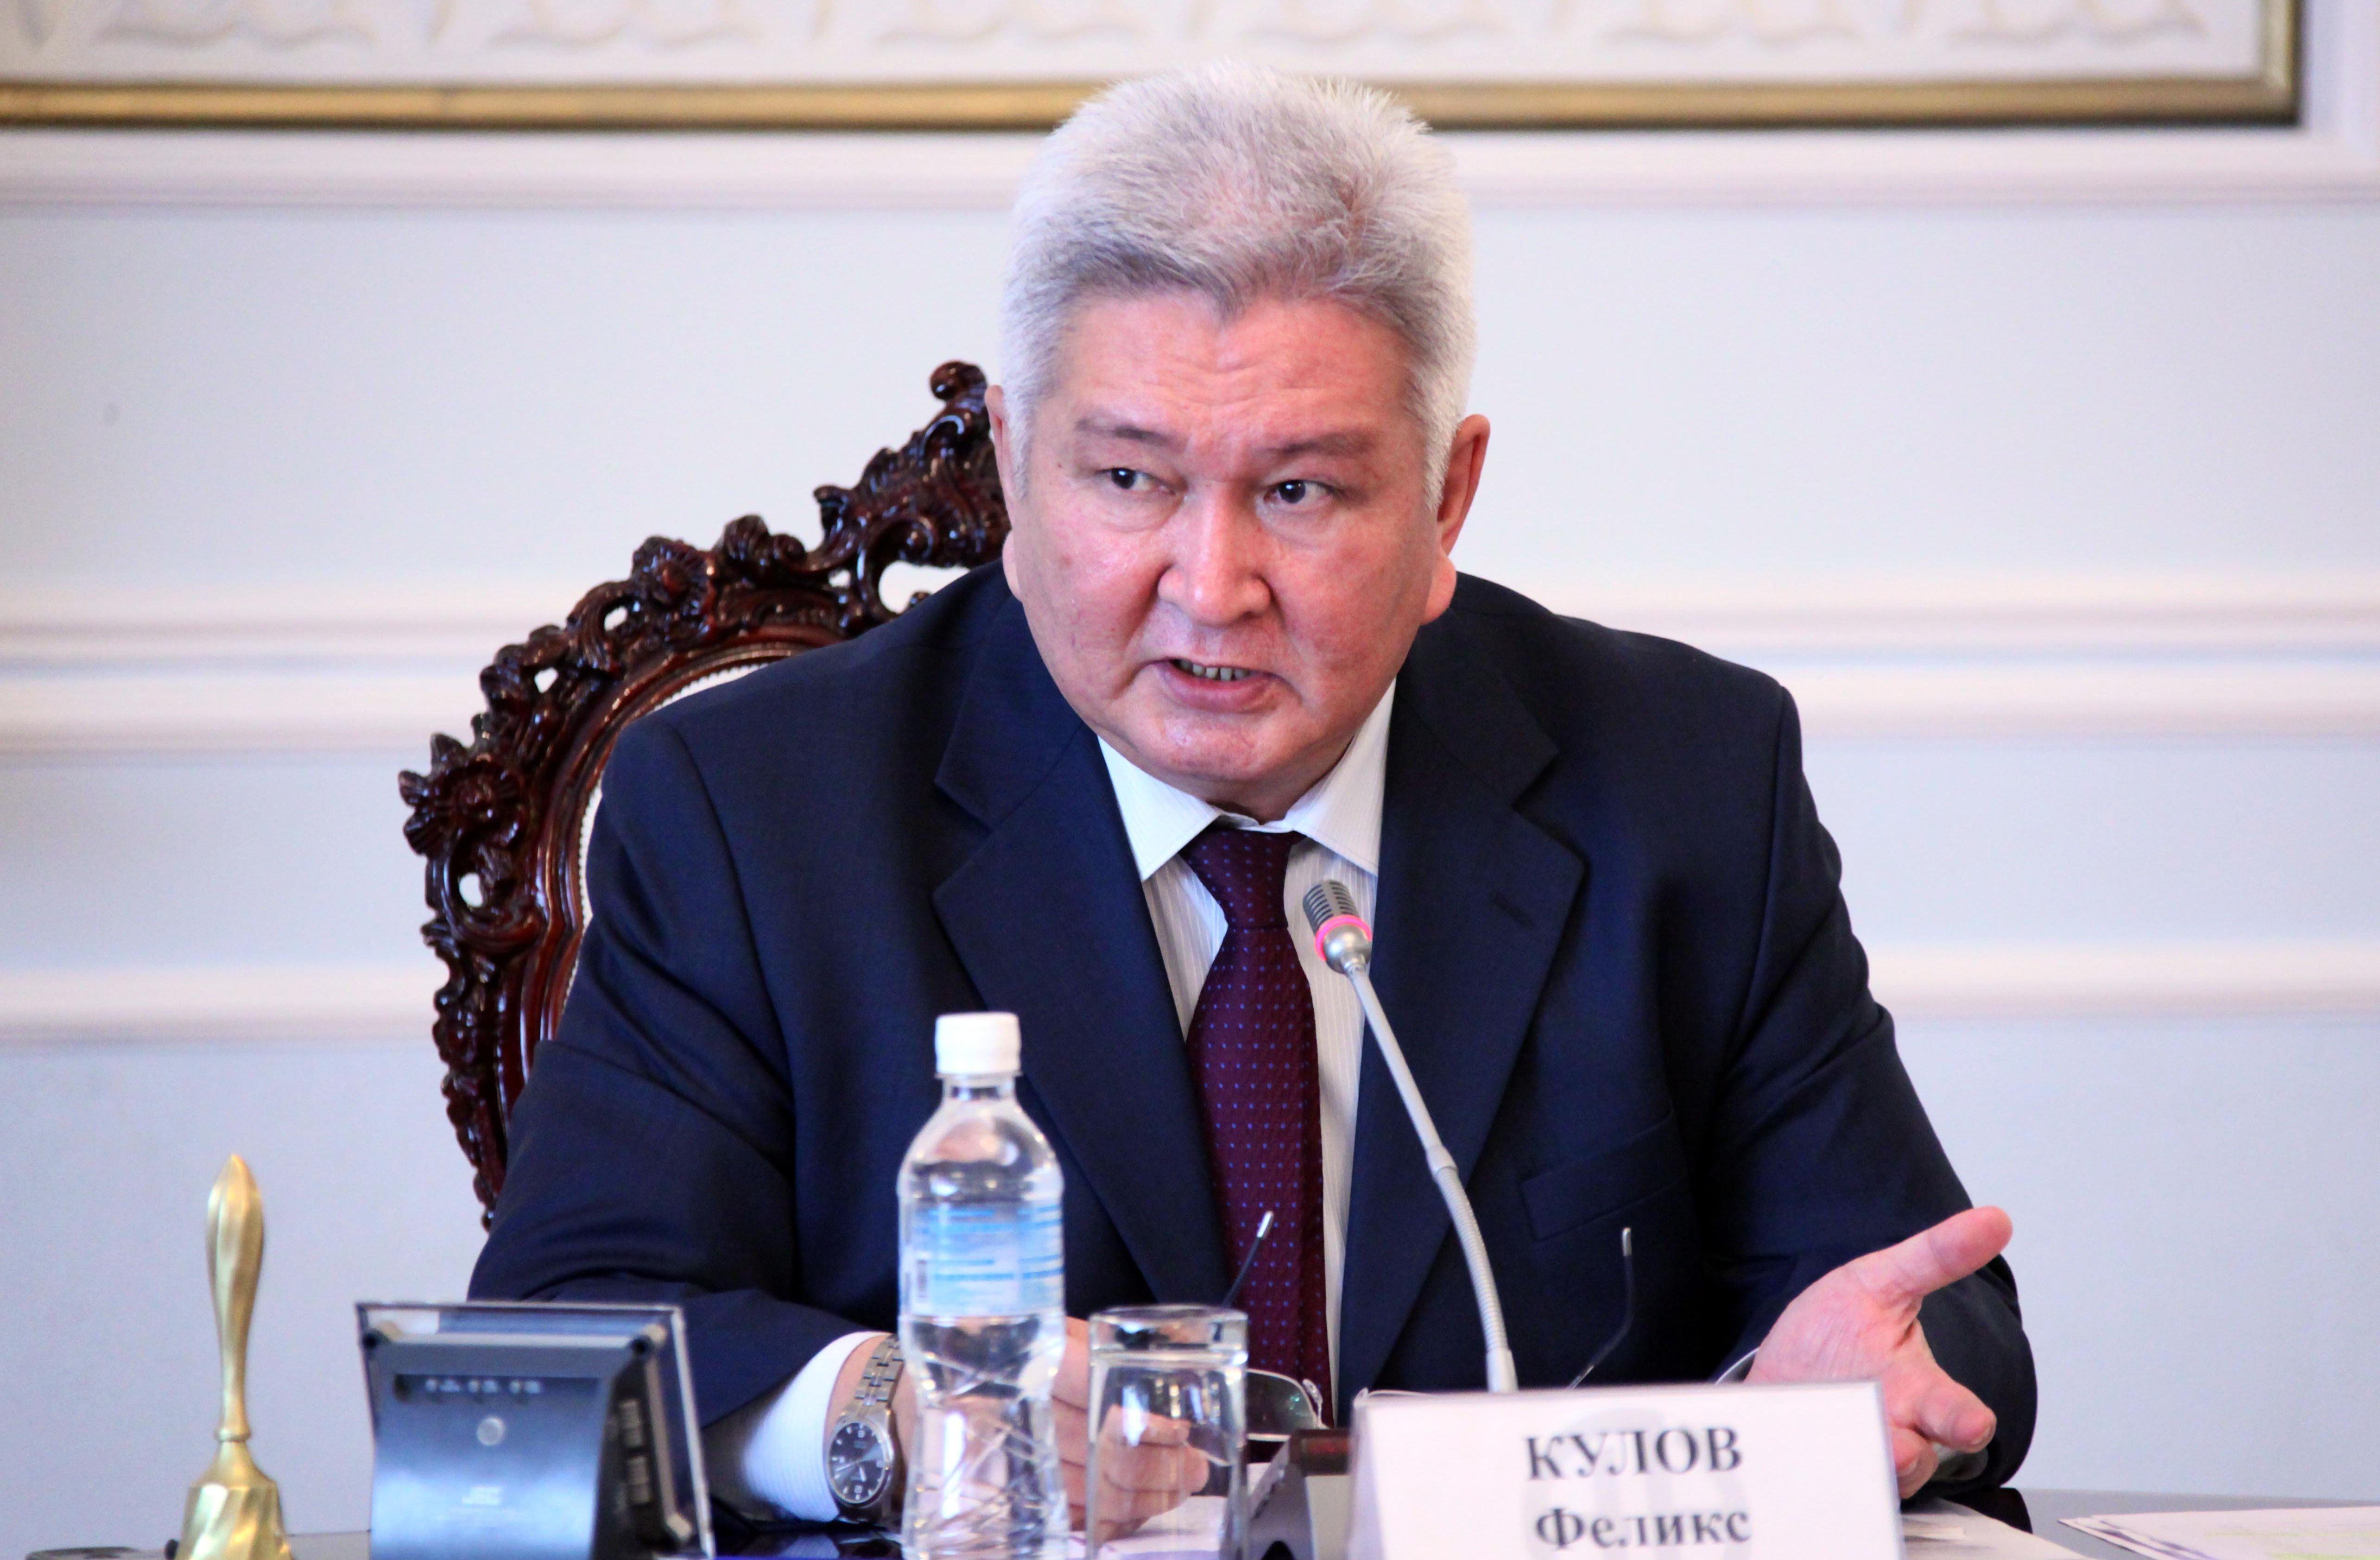 Председатель партии Ар-Намыс Феликс Шаршенбаевич Кулов. Архивное фото